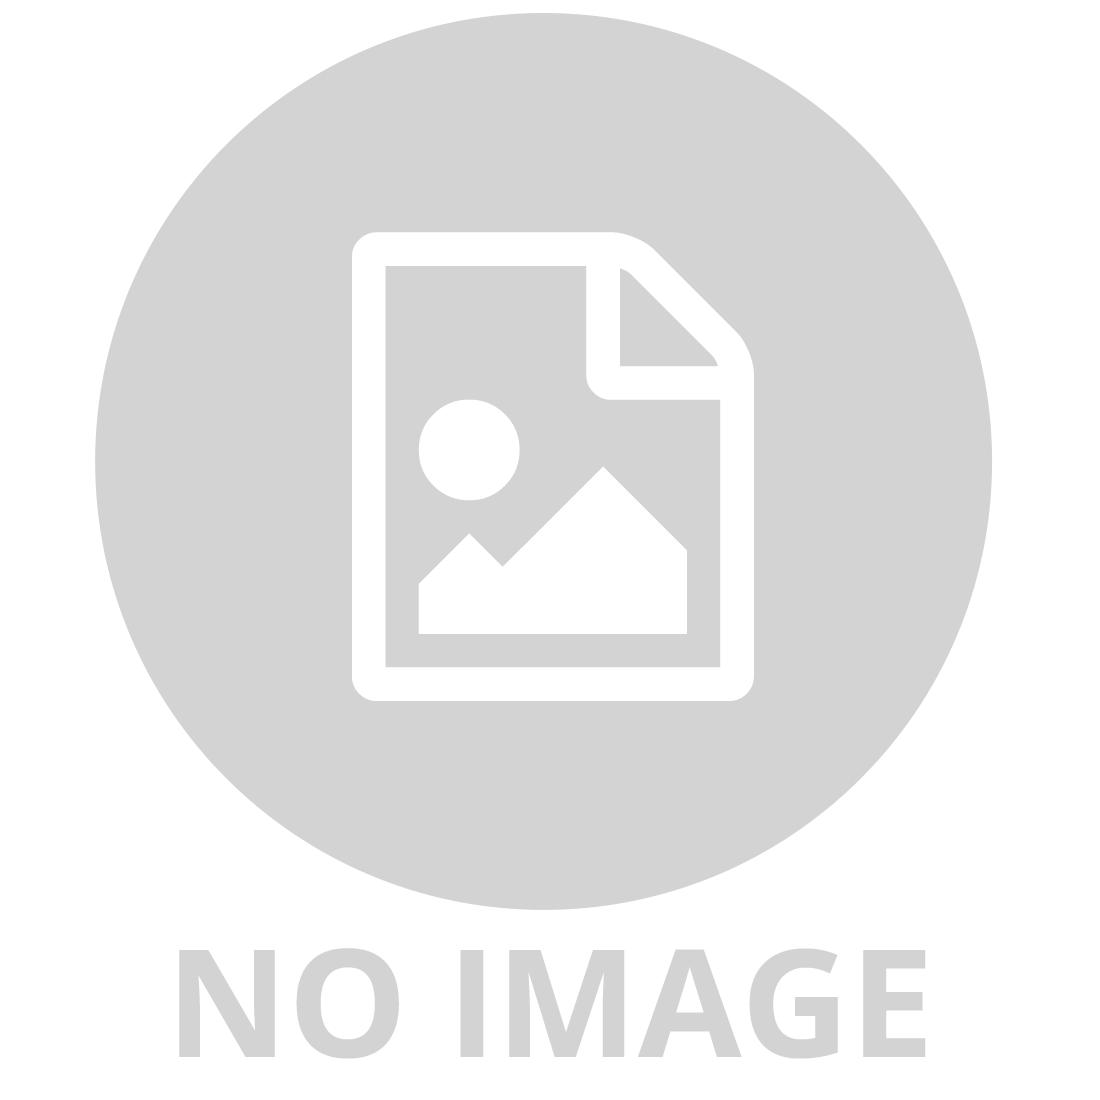 FELT CREATIONS - FARM